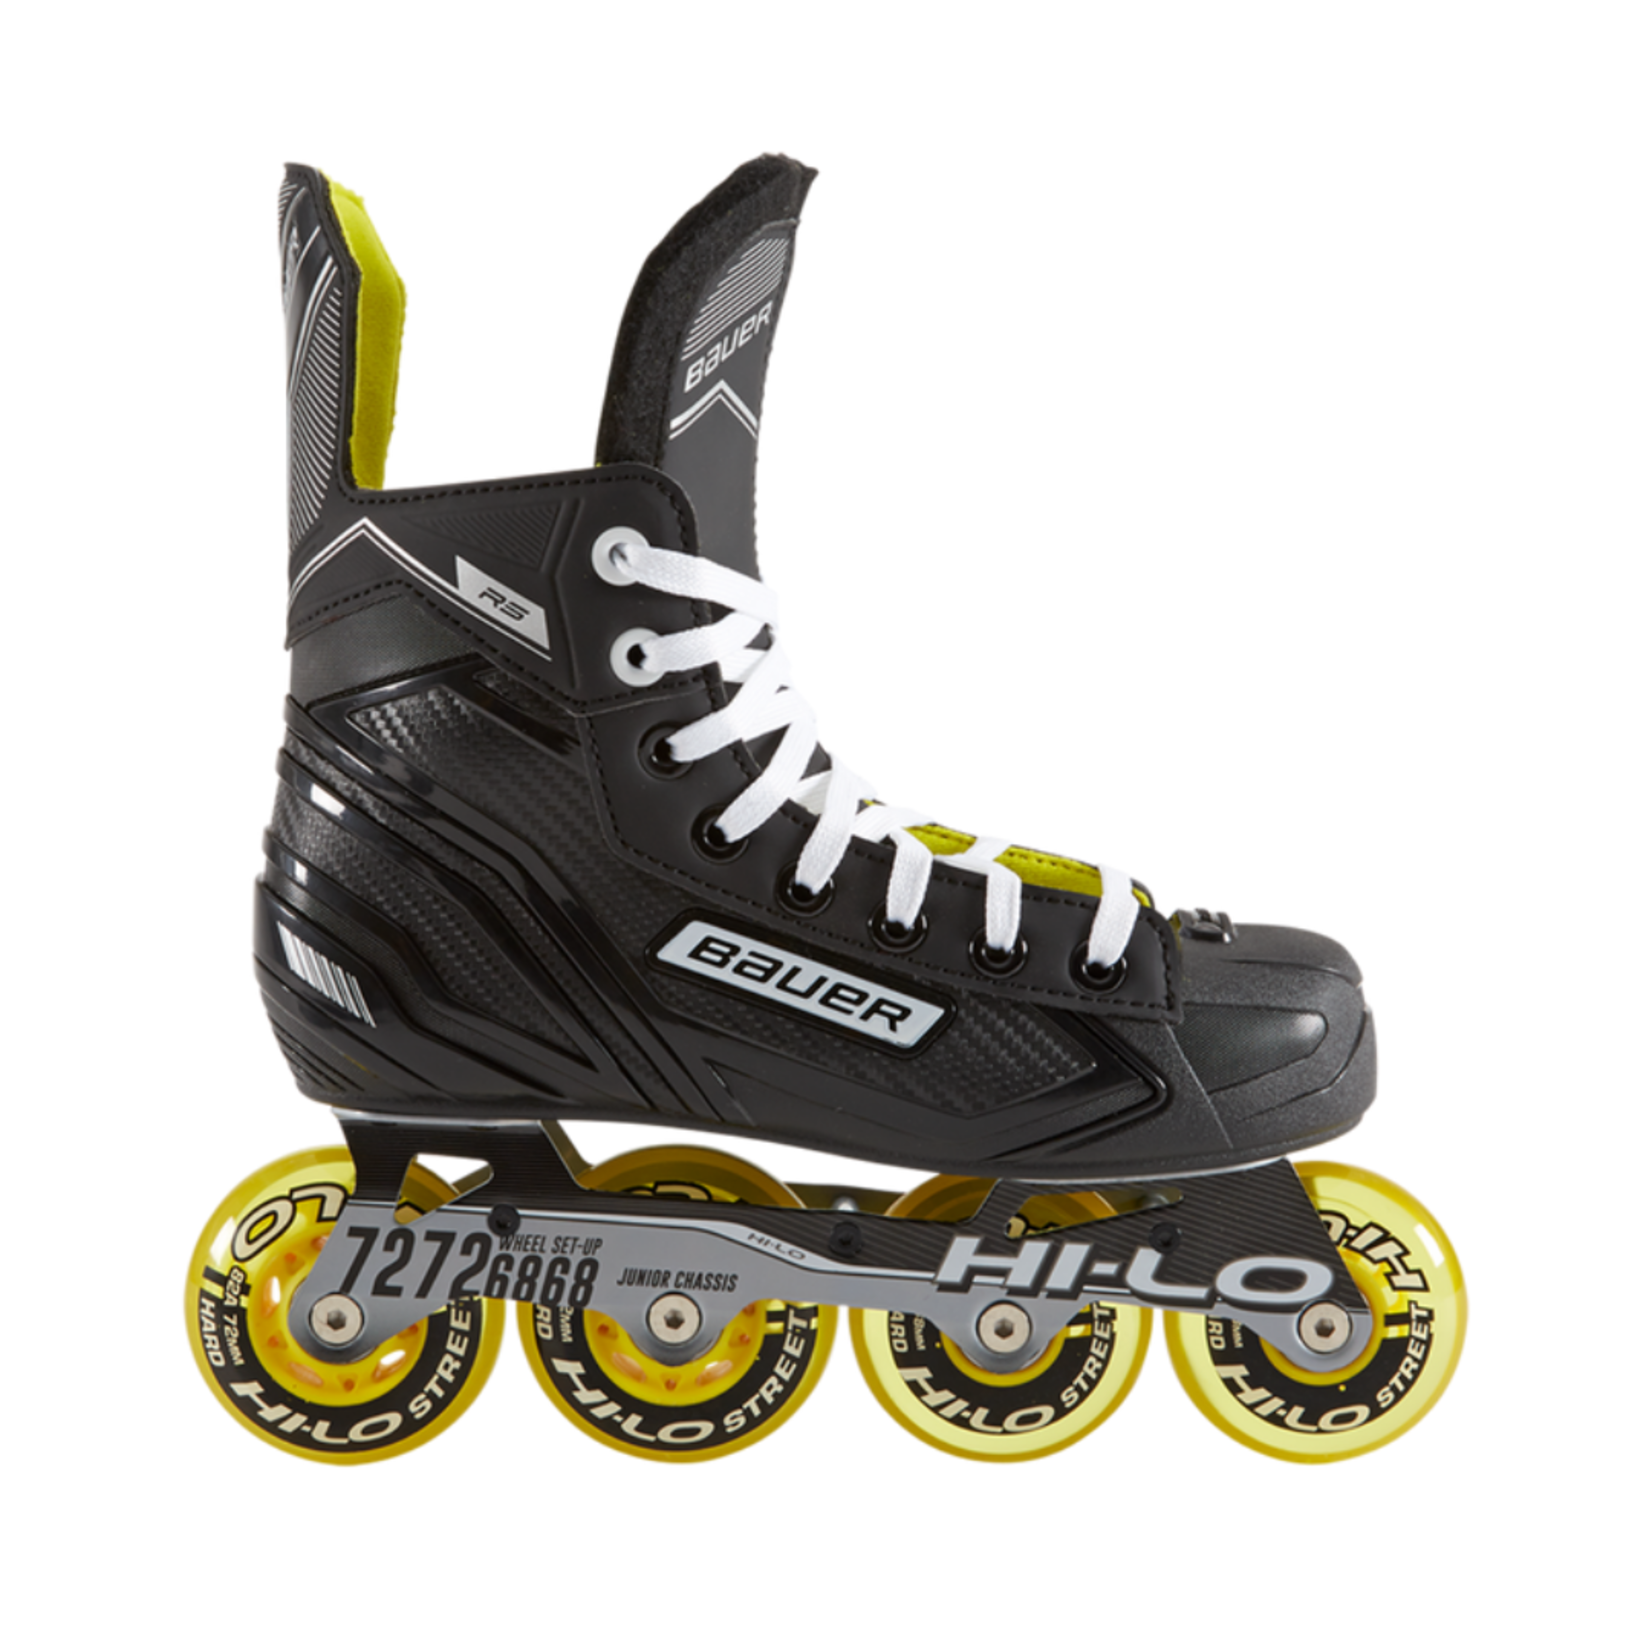 Bauer Bauer RH RS Skate Sr